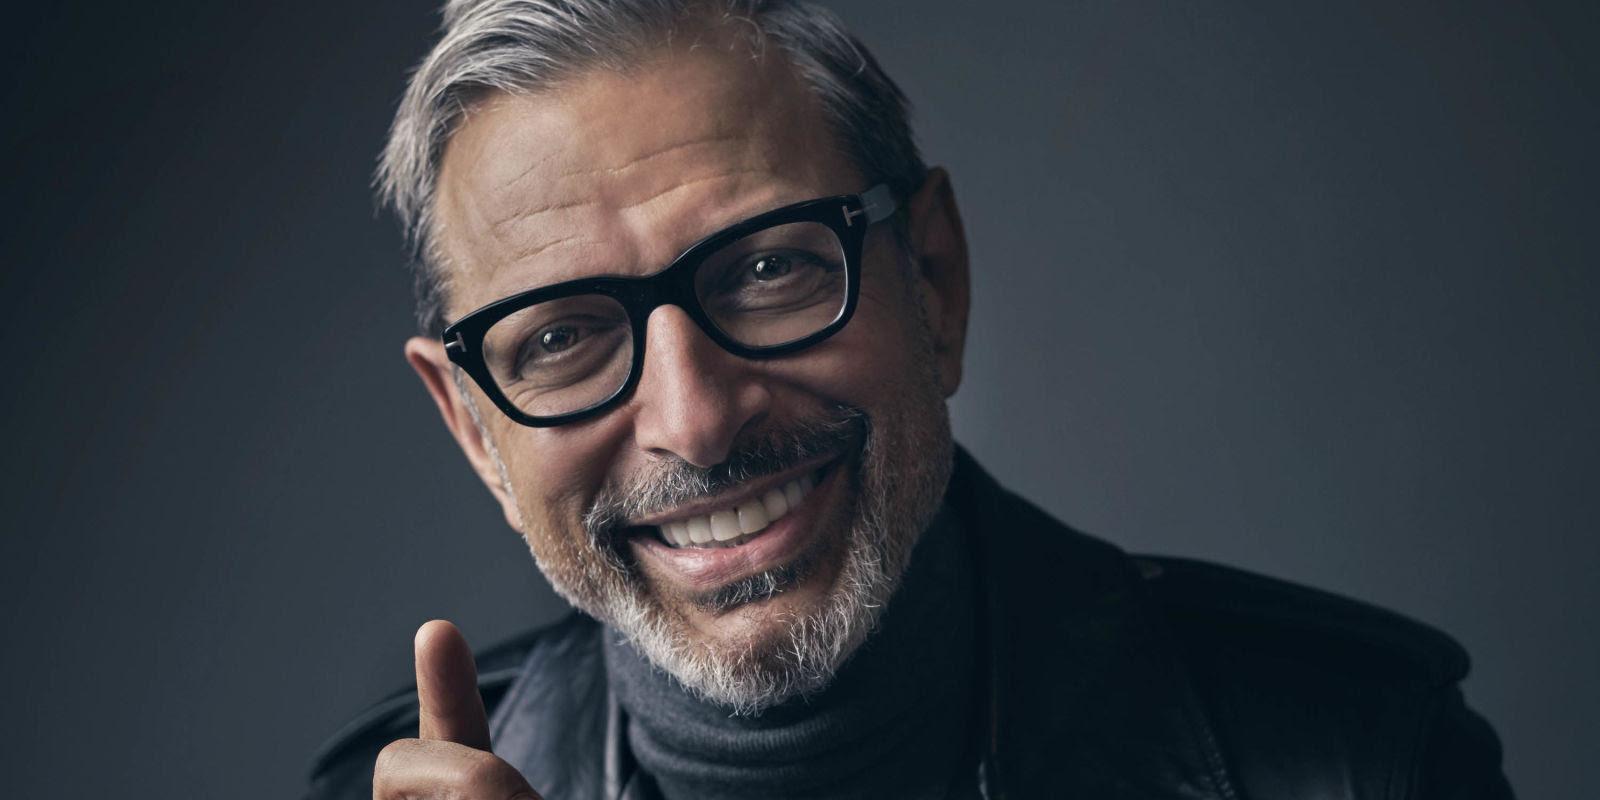 Jeff Goldblum revela por quanto tempo filmou Jurassic World: Fallen Kingdom